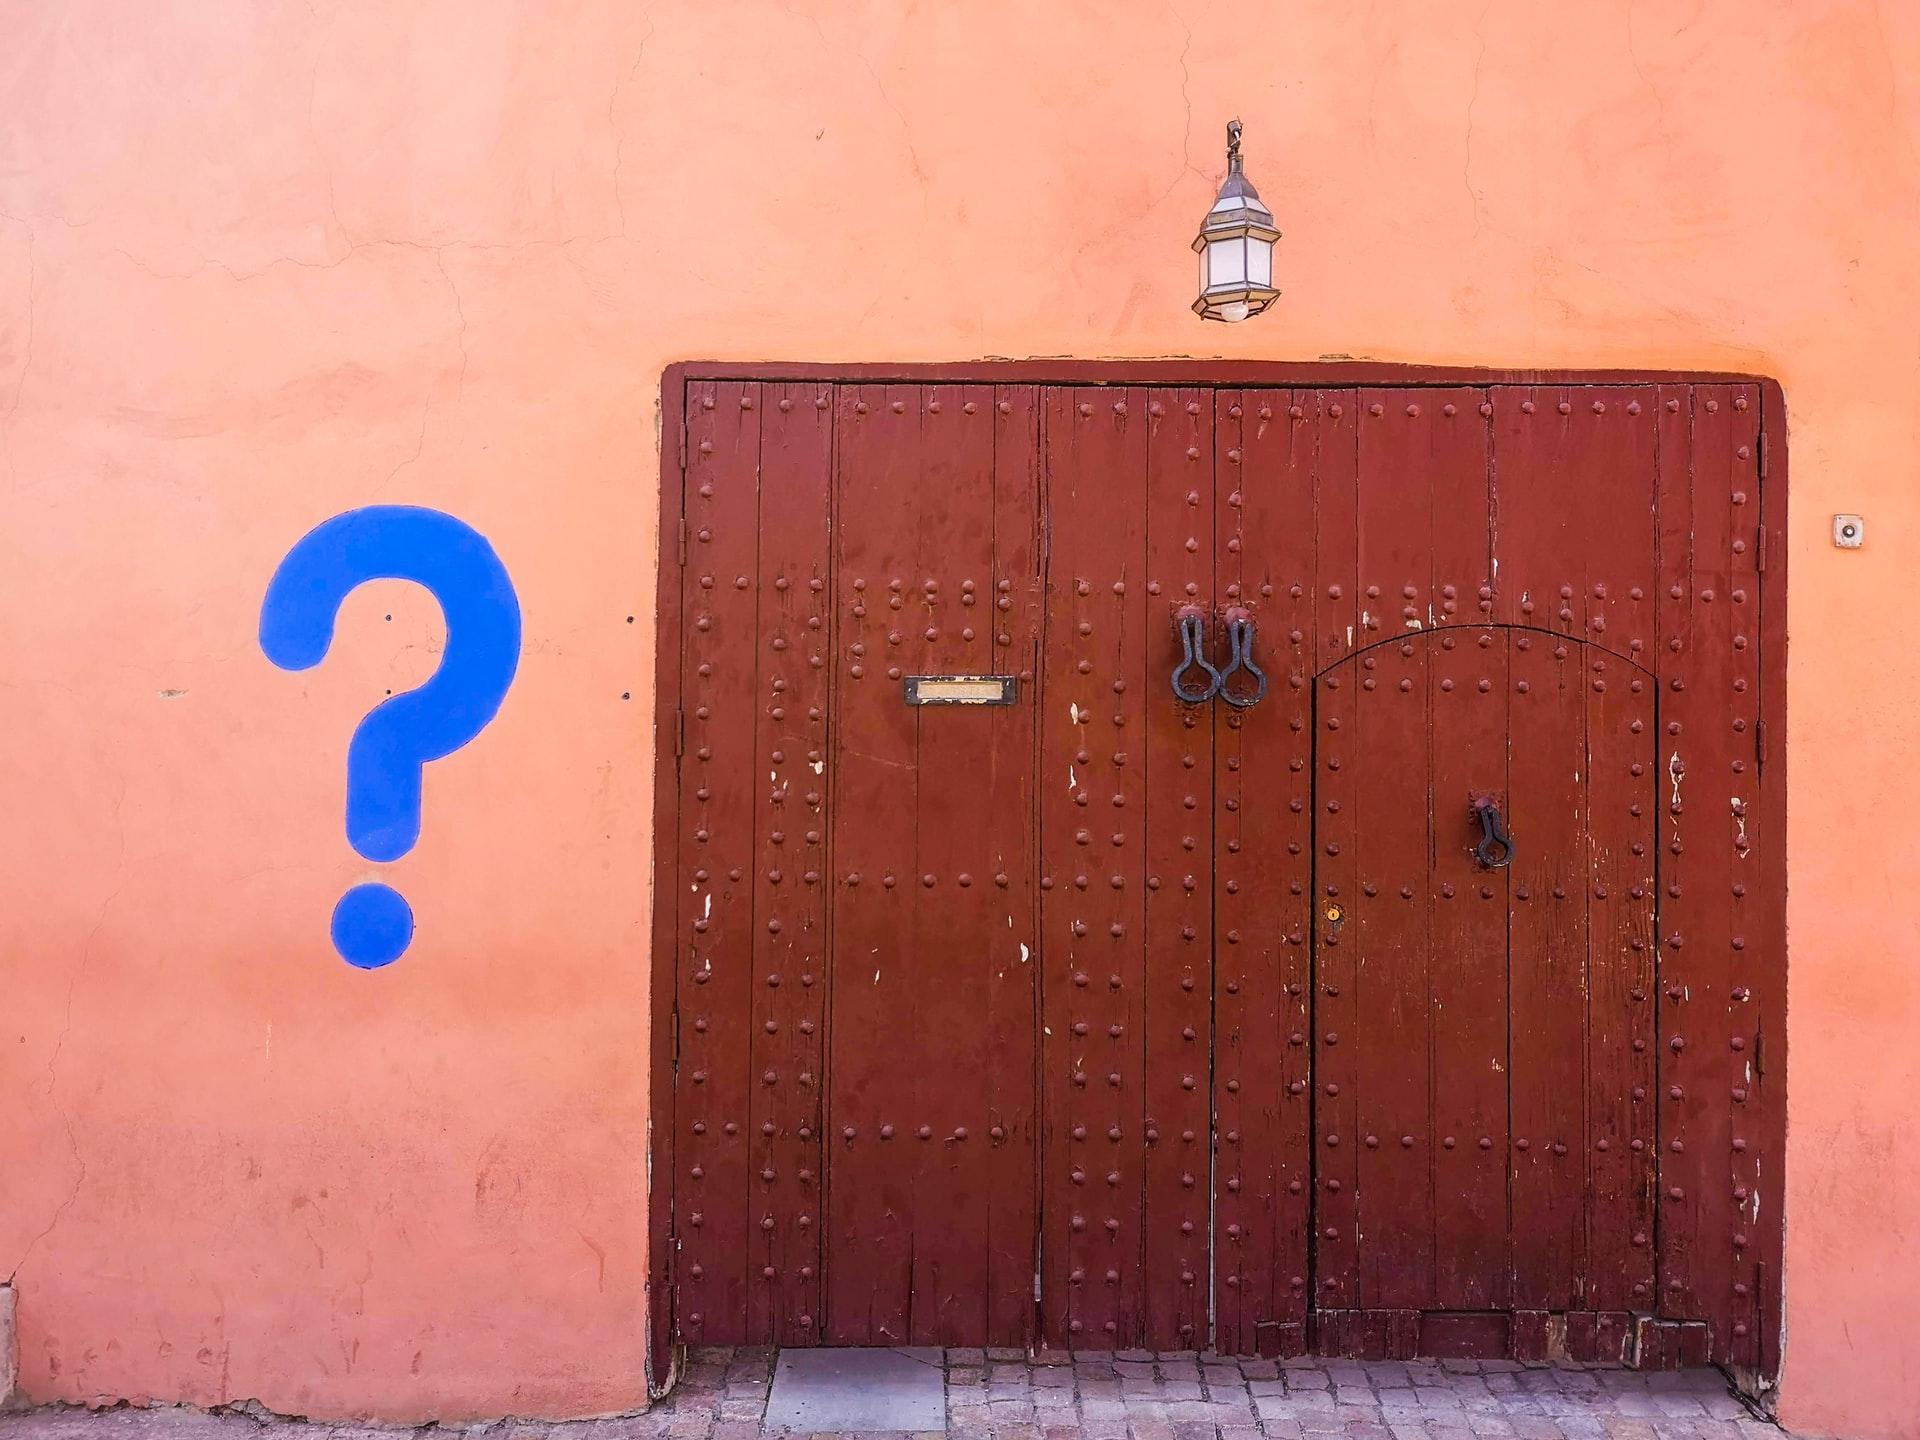 期間工の初心者にありがちな疑問に回答【Q&A】